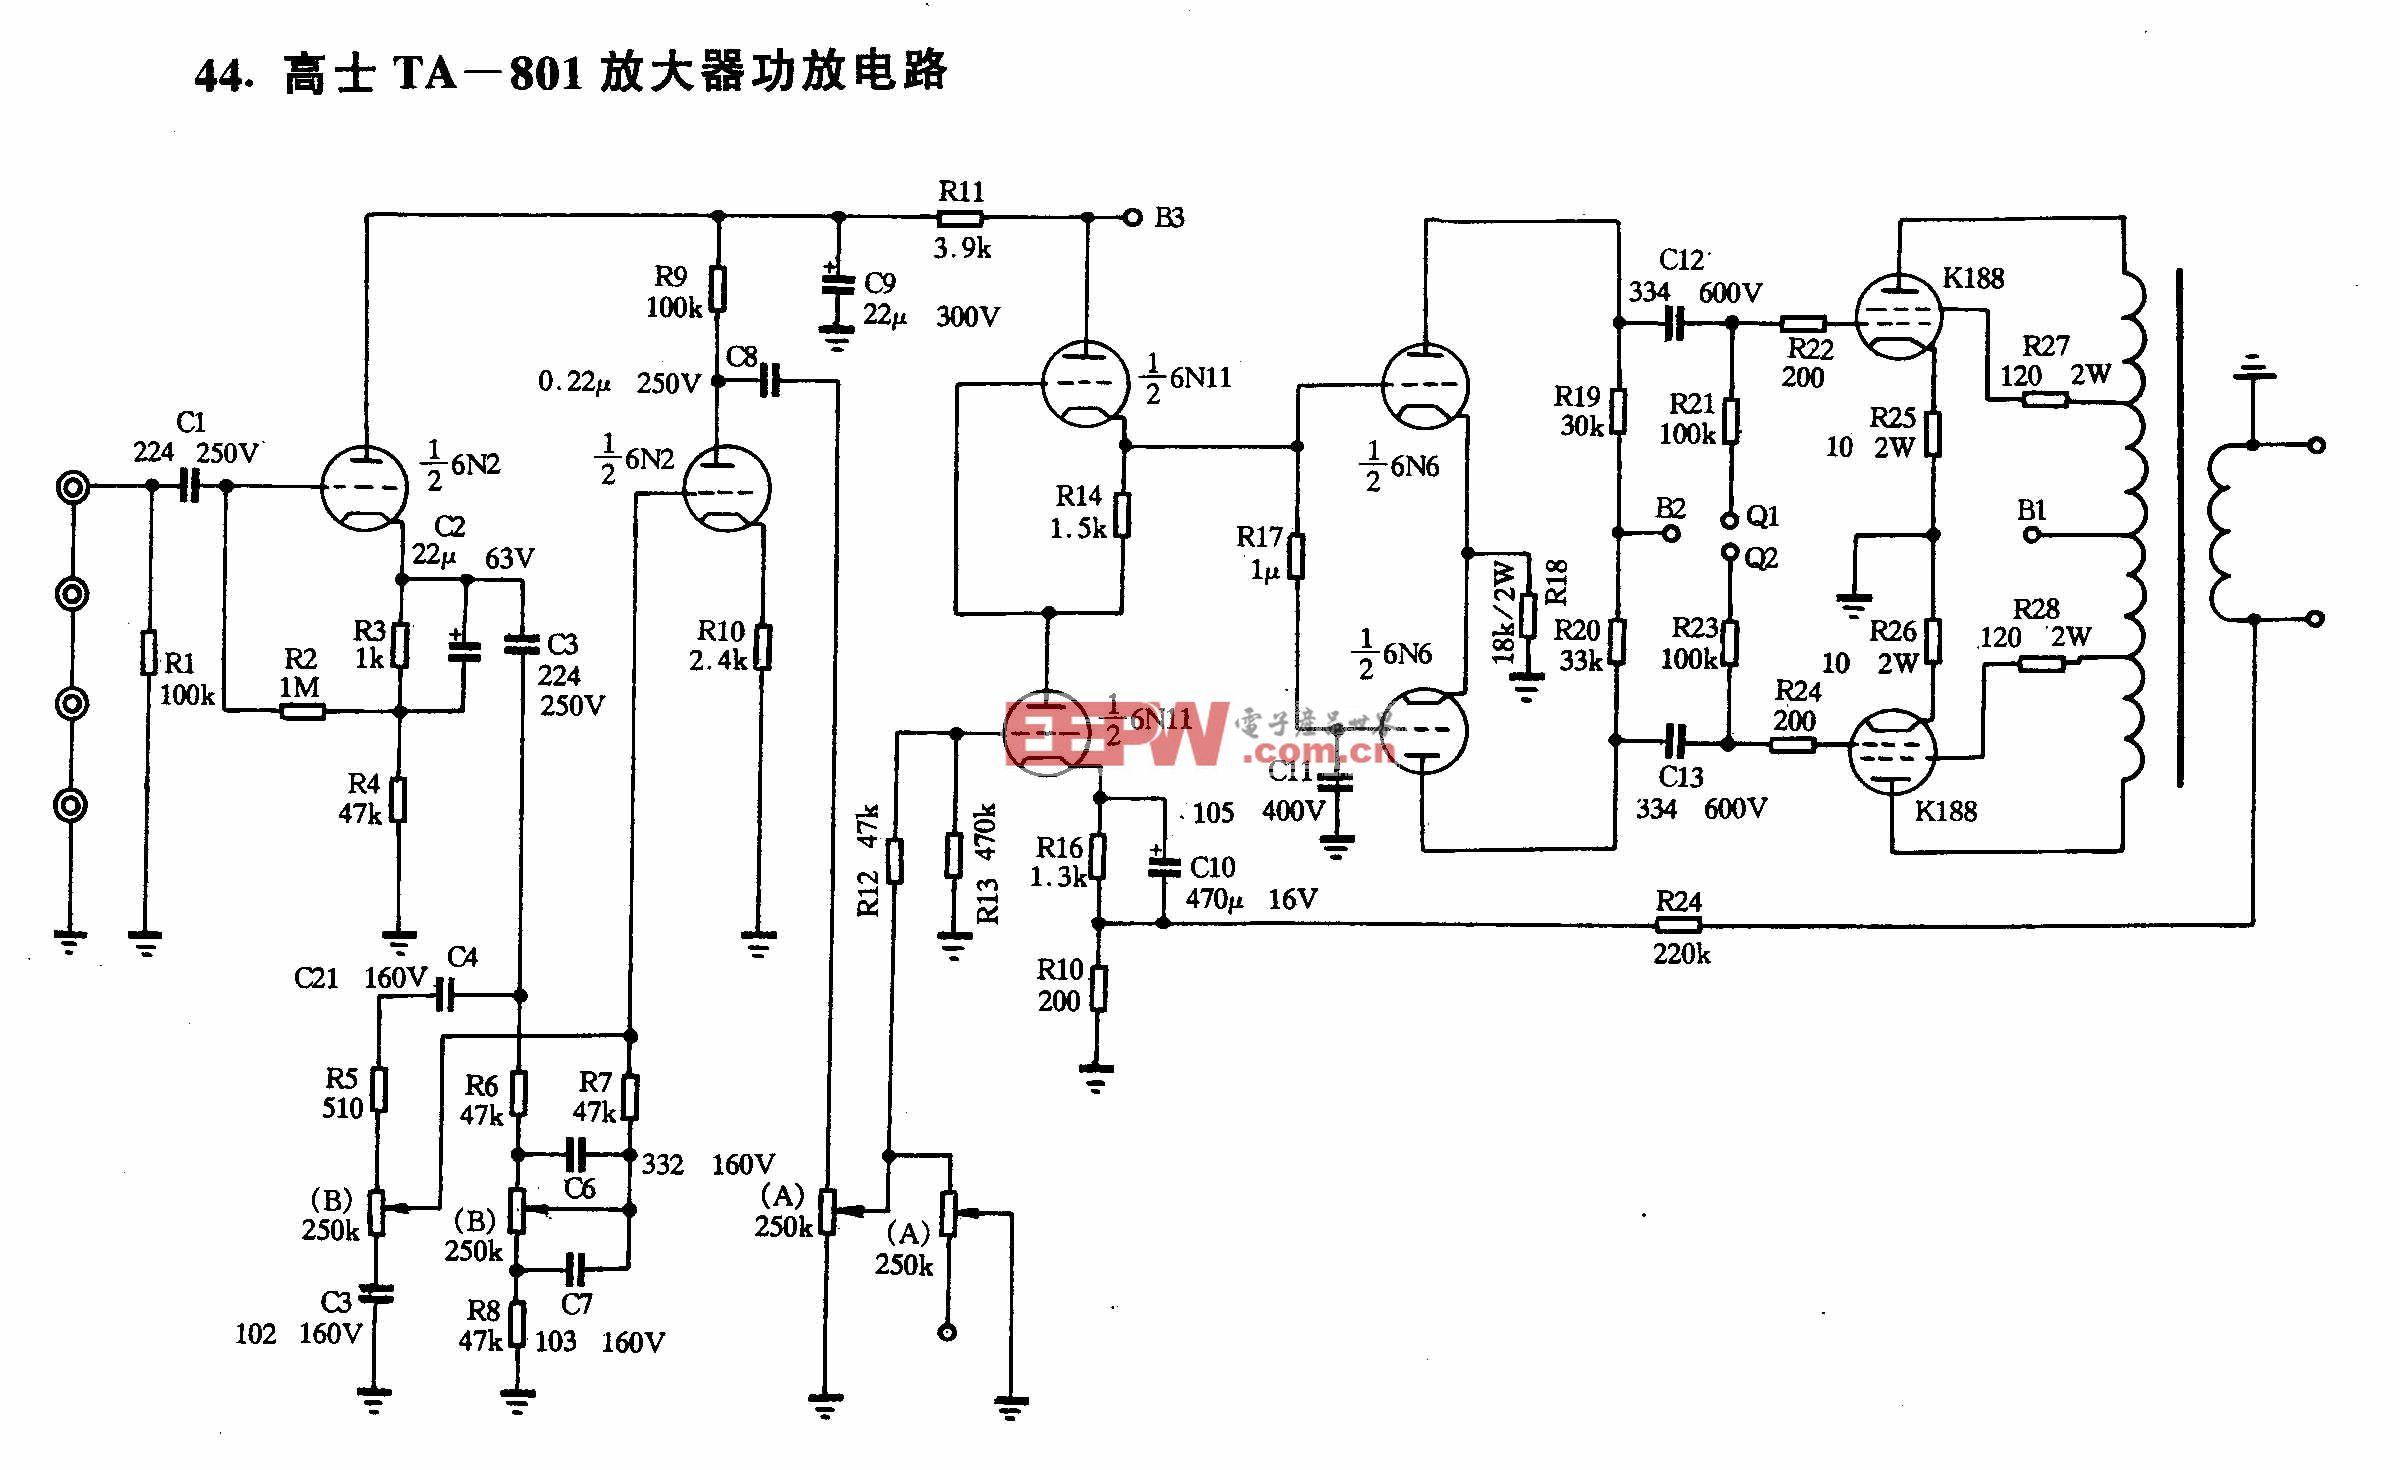 高士TA-801放大器功放电路